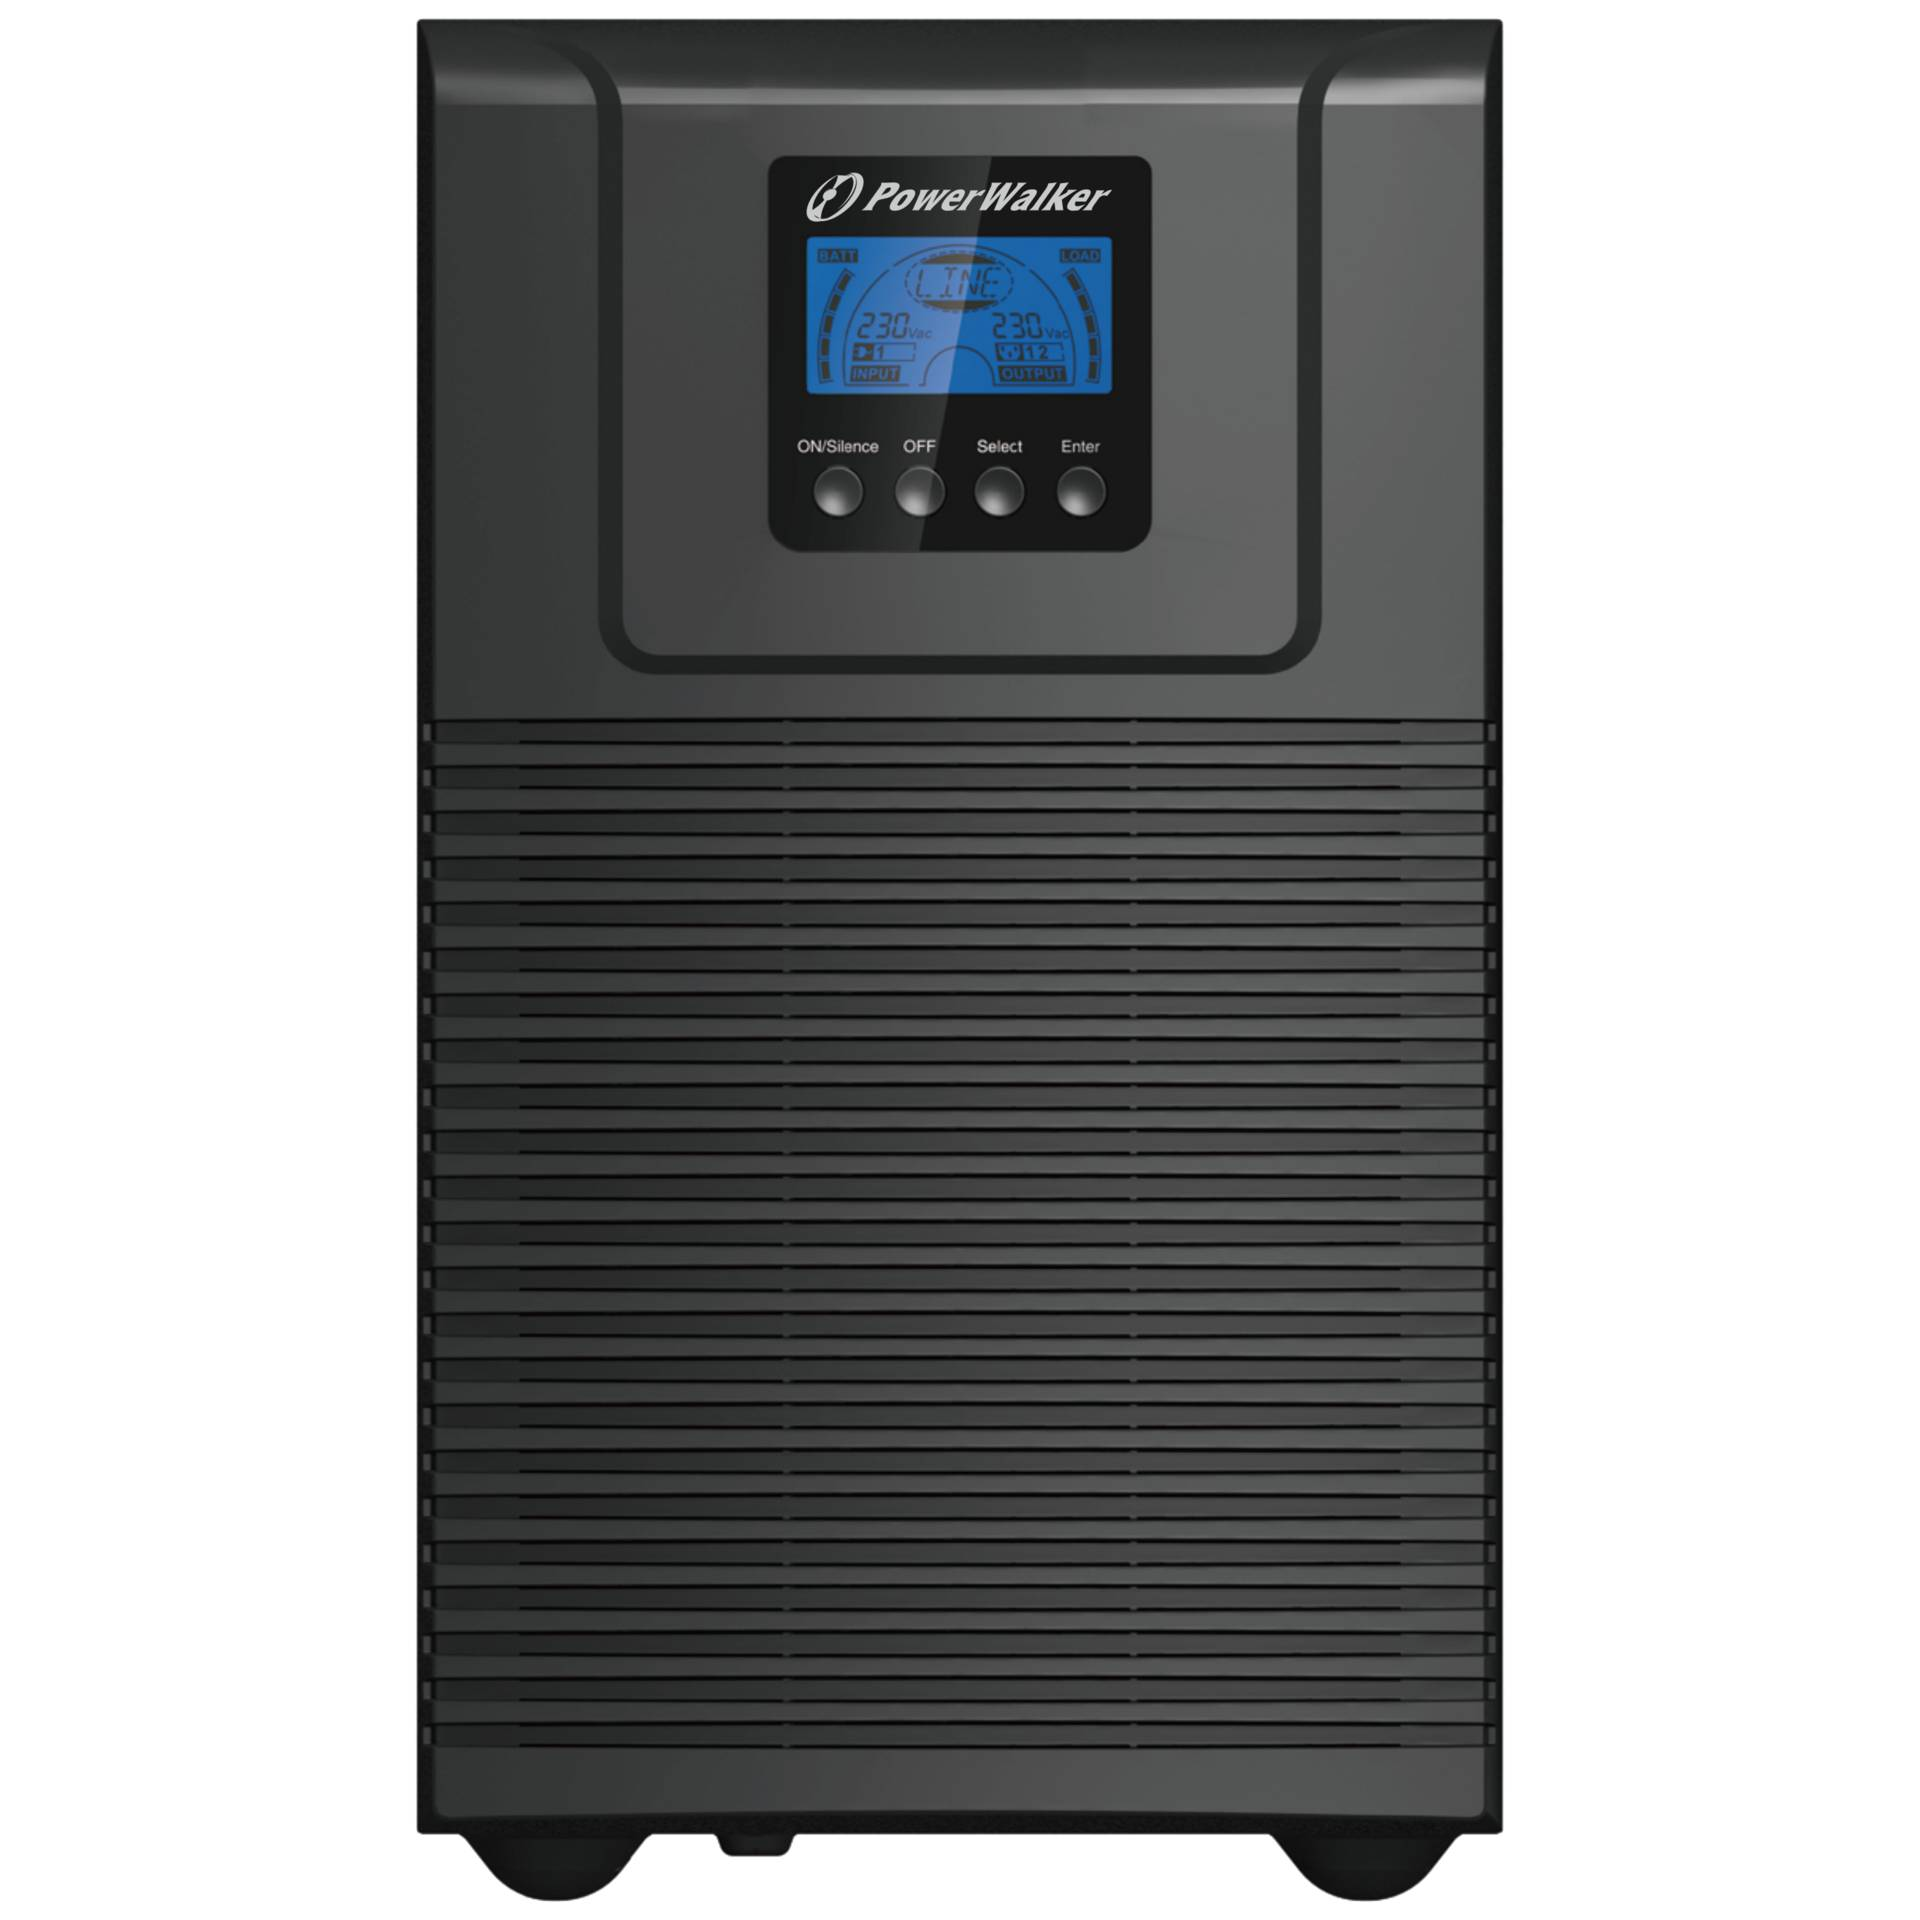 PowerWalker VFI 2000 TG USV